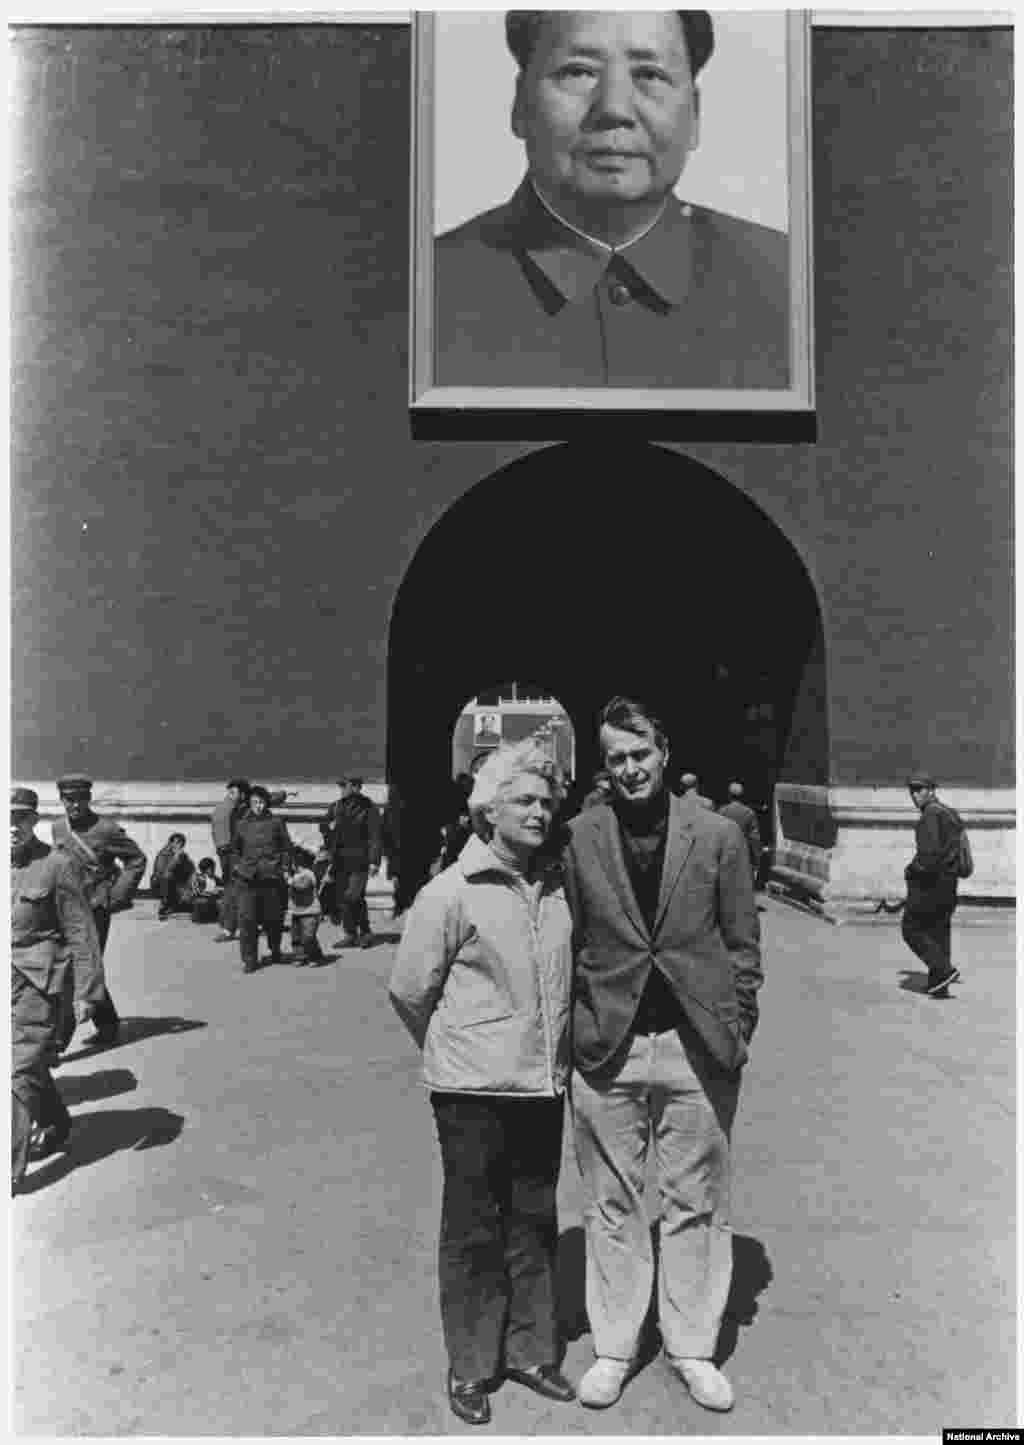 1975年美國駐北京聯絡處主任喬治·布殊(老布殊)和夫人在北京天安門前。喬治•布殊(George HW Bush)在1974-1975間出使北京。就職前先後經商和從政,曾任美國國會眾議員、共和黨全國委員會主席、美國駐聯合國代表。在從中國返回美國後,擔任中央情報局局長,後來被選為美國副總統,1981年就職。